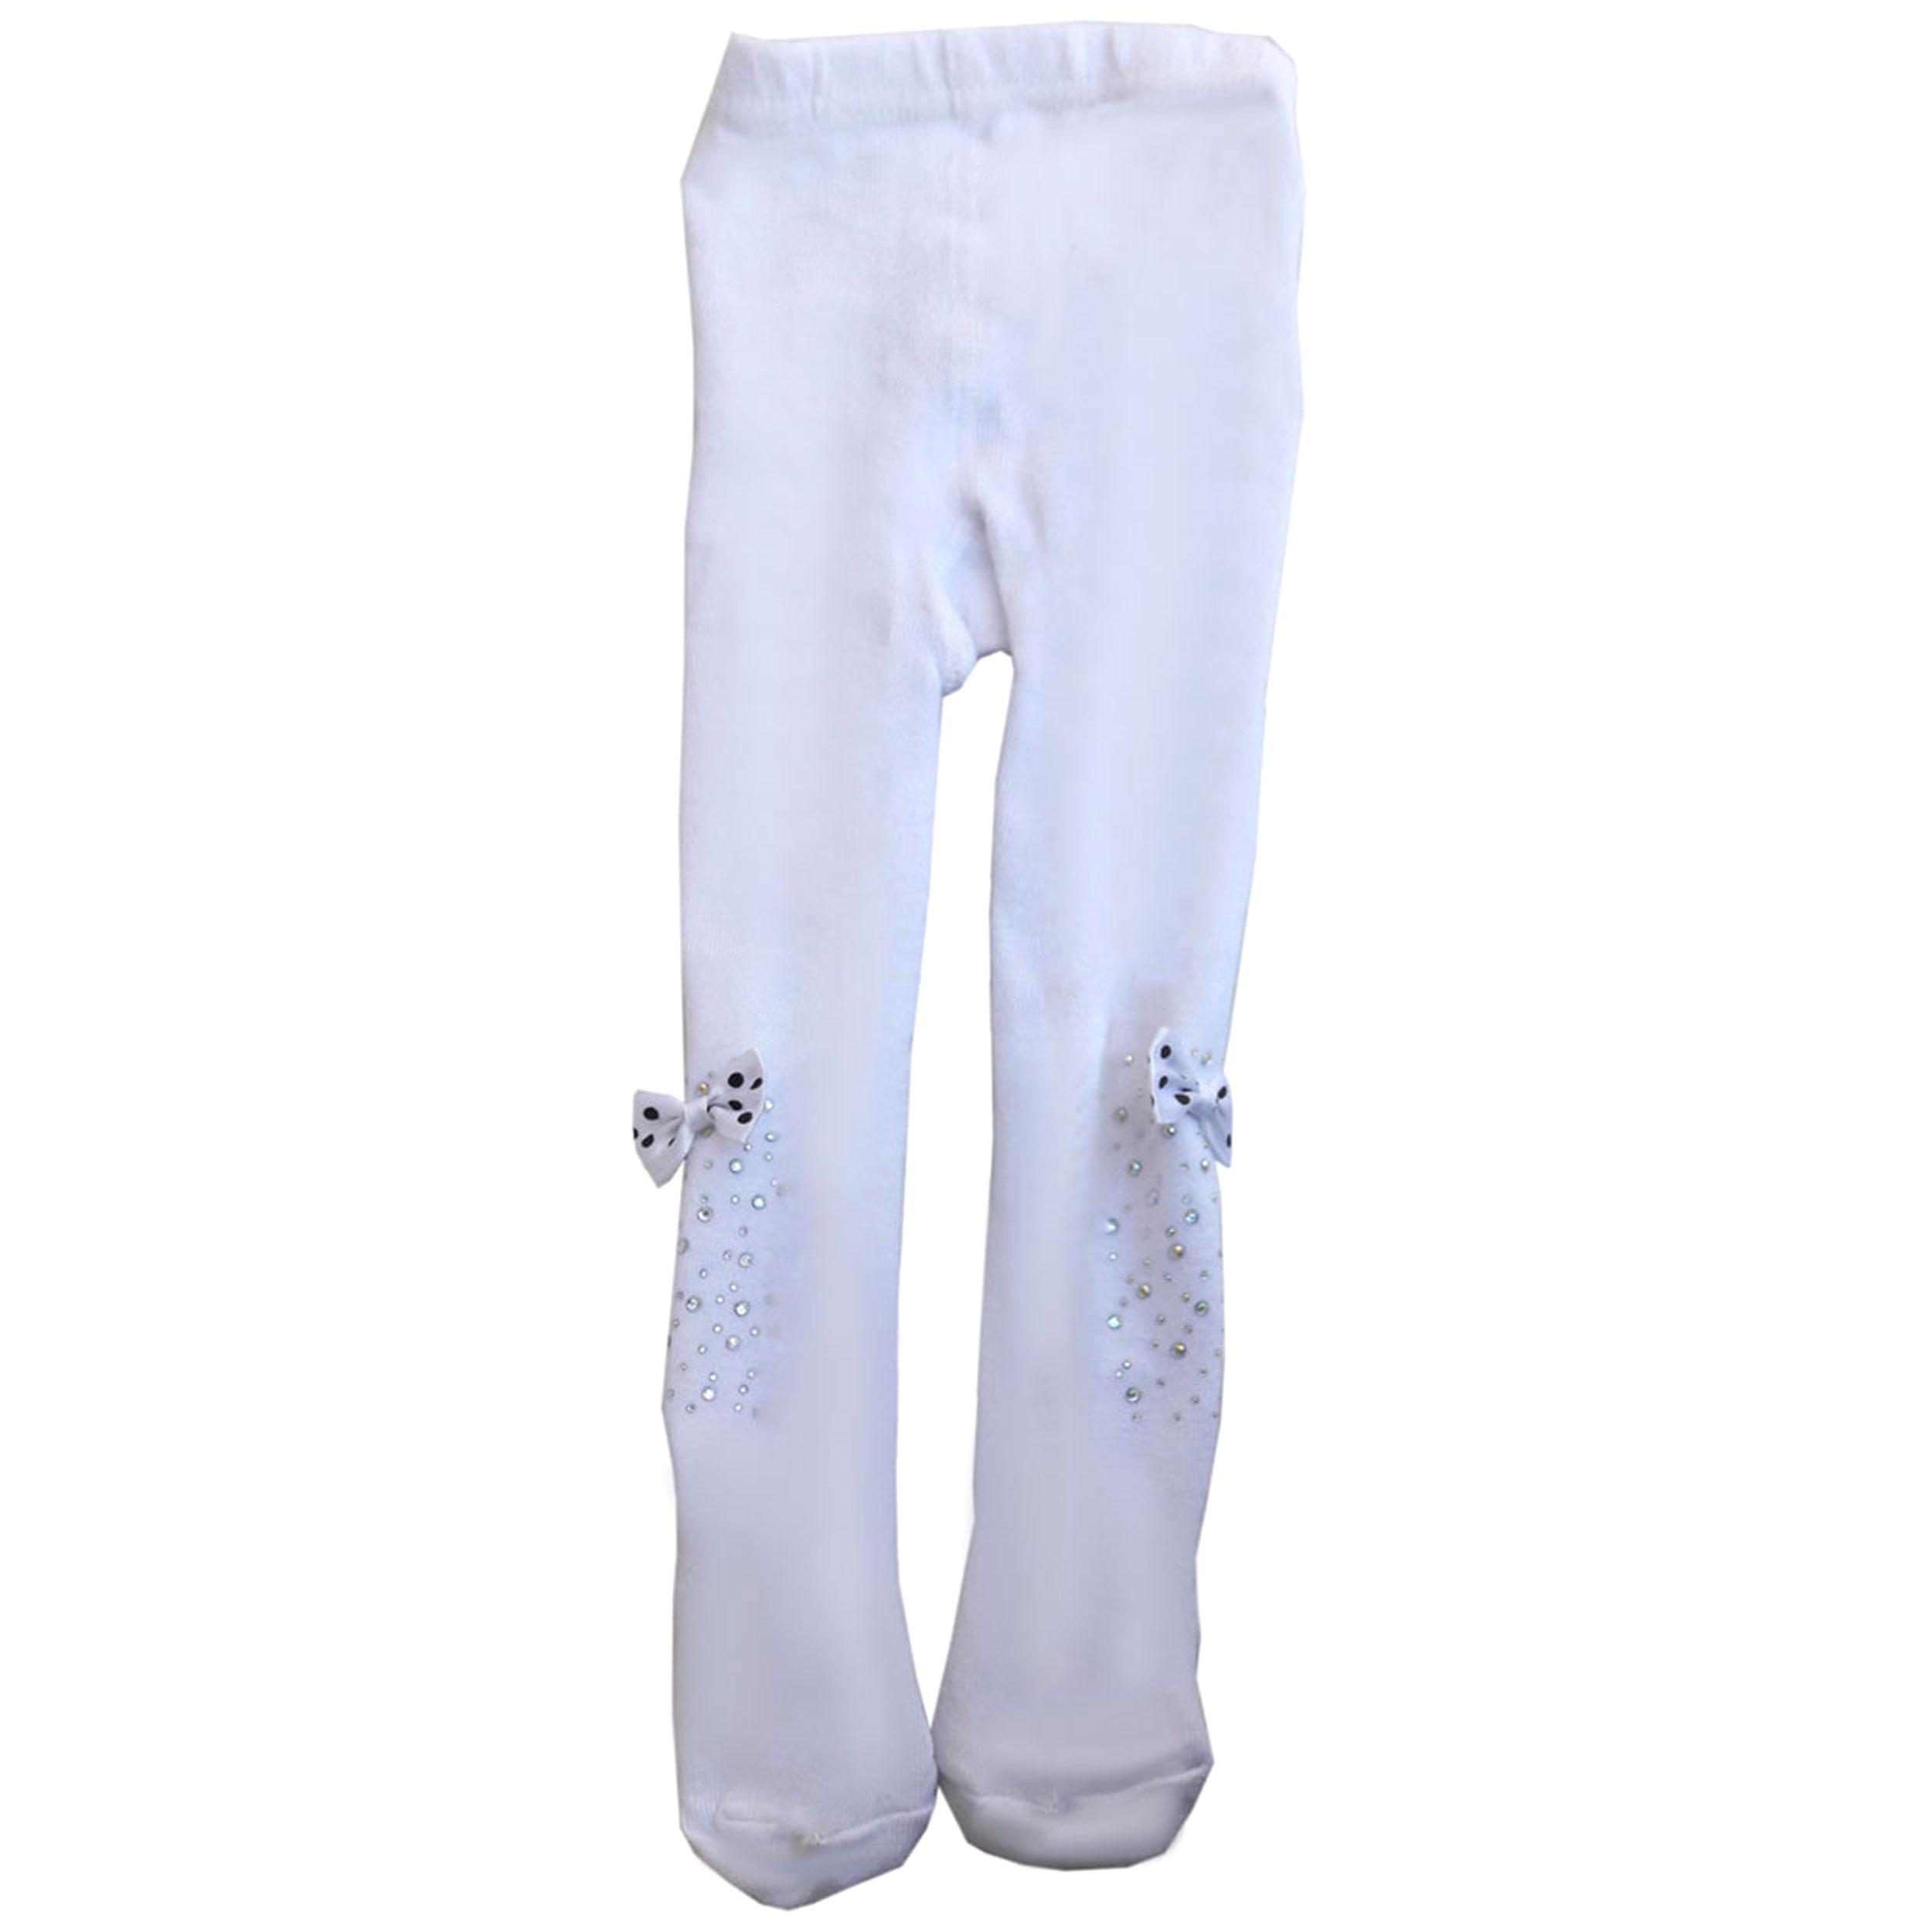 جوراب شلواری دخترانه طرح پاپیون کد 44